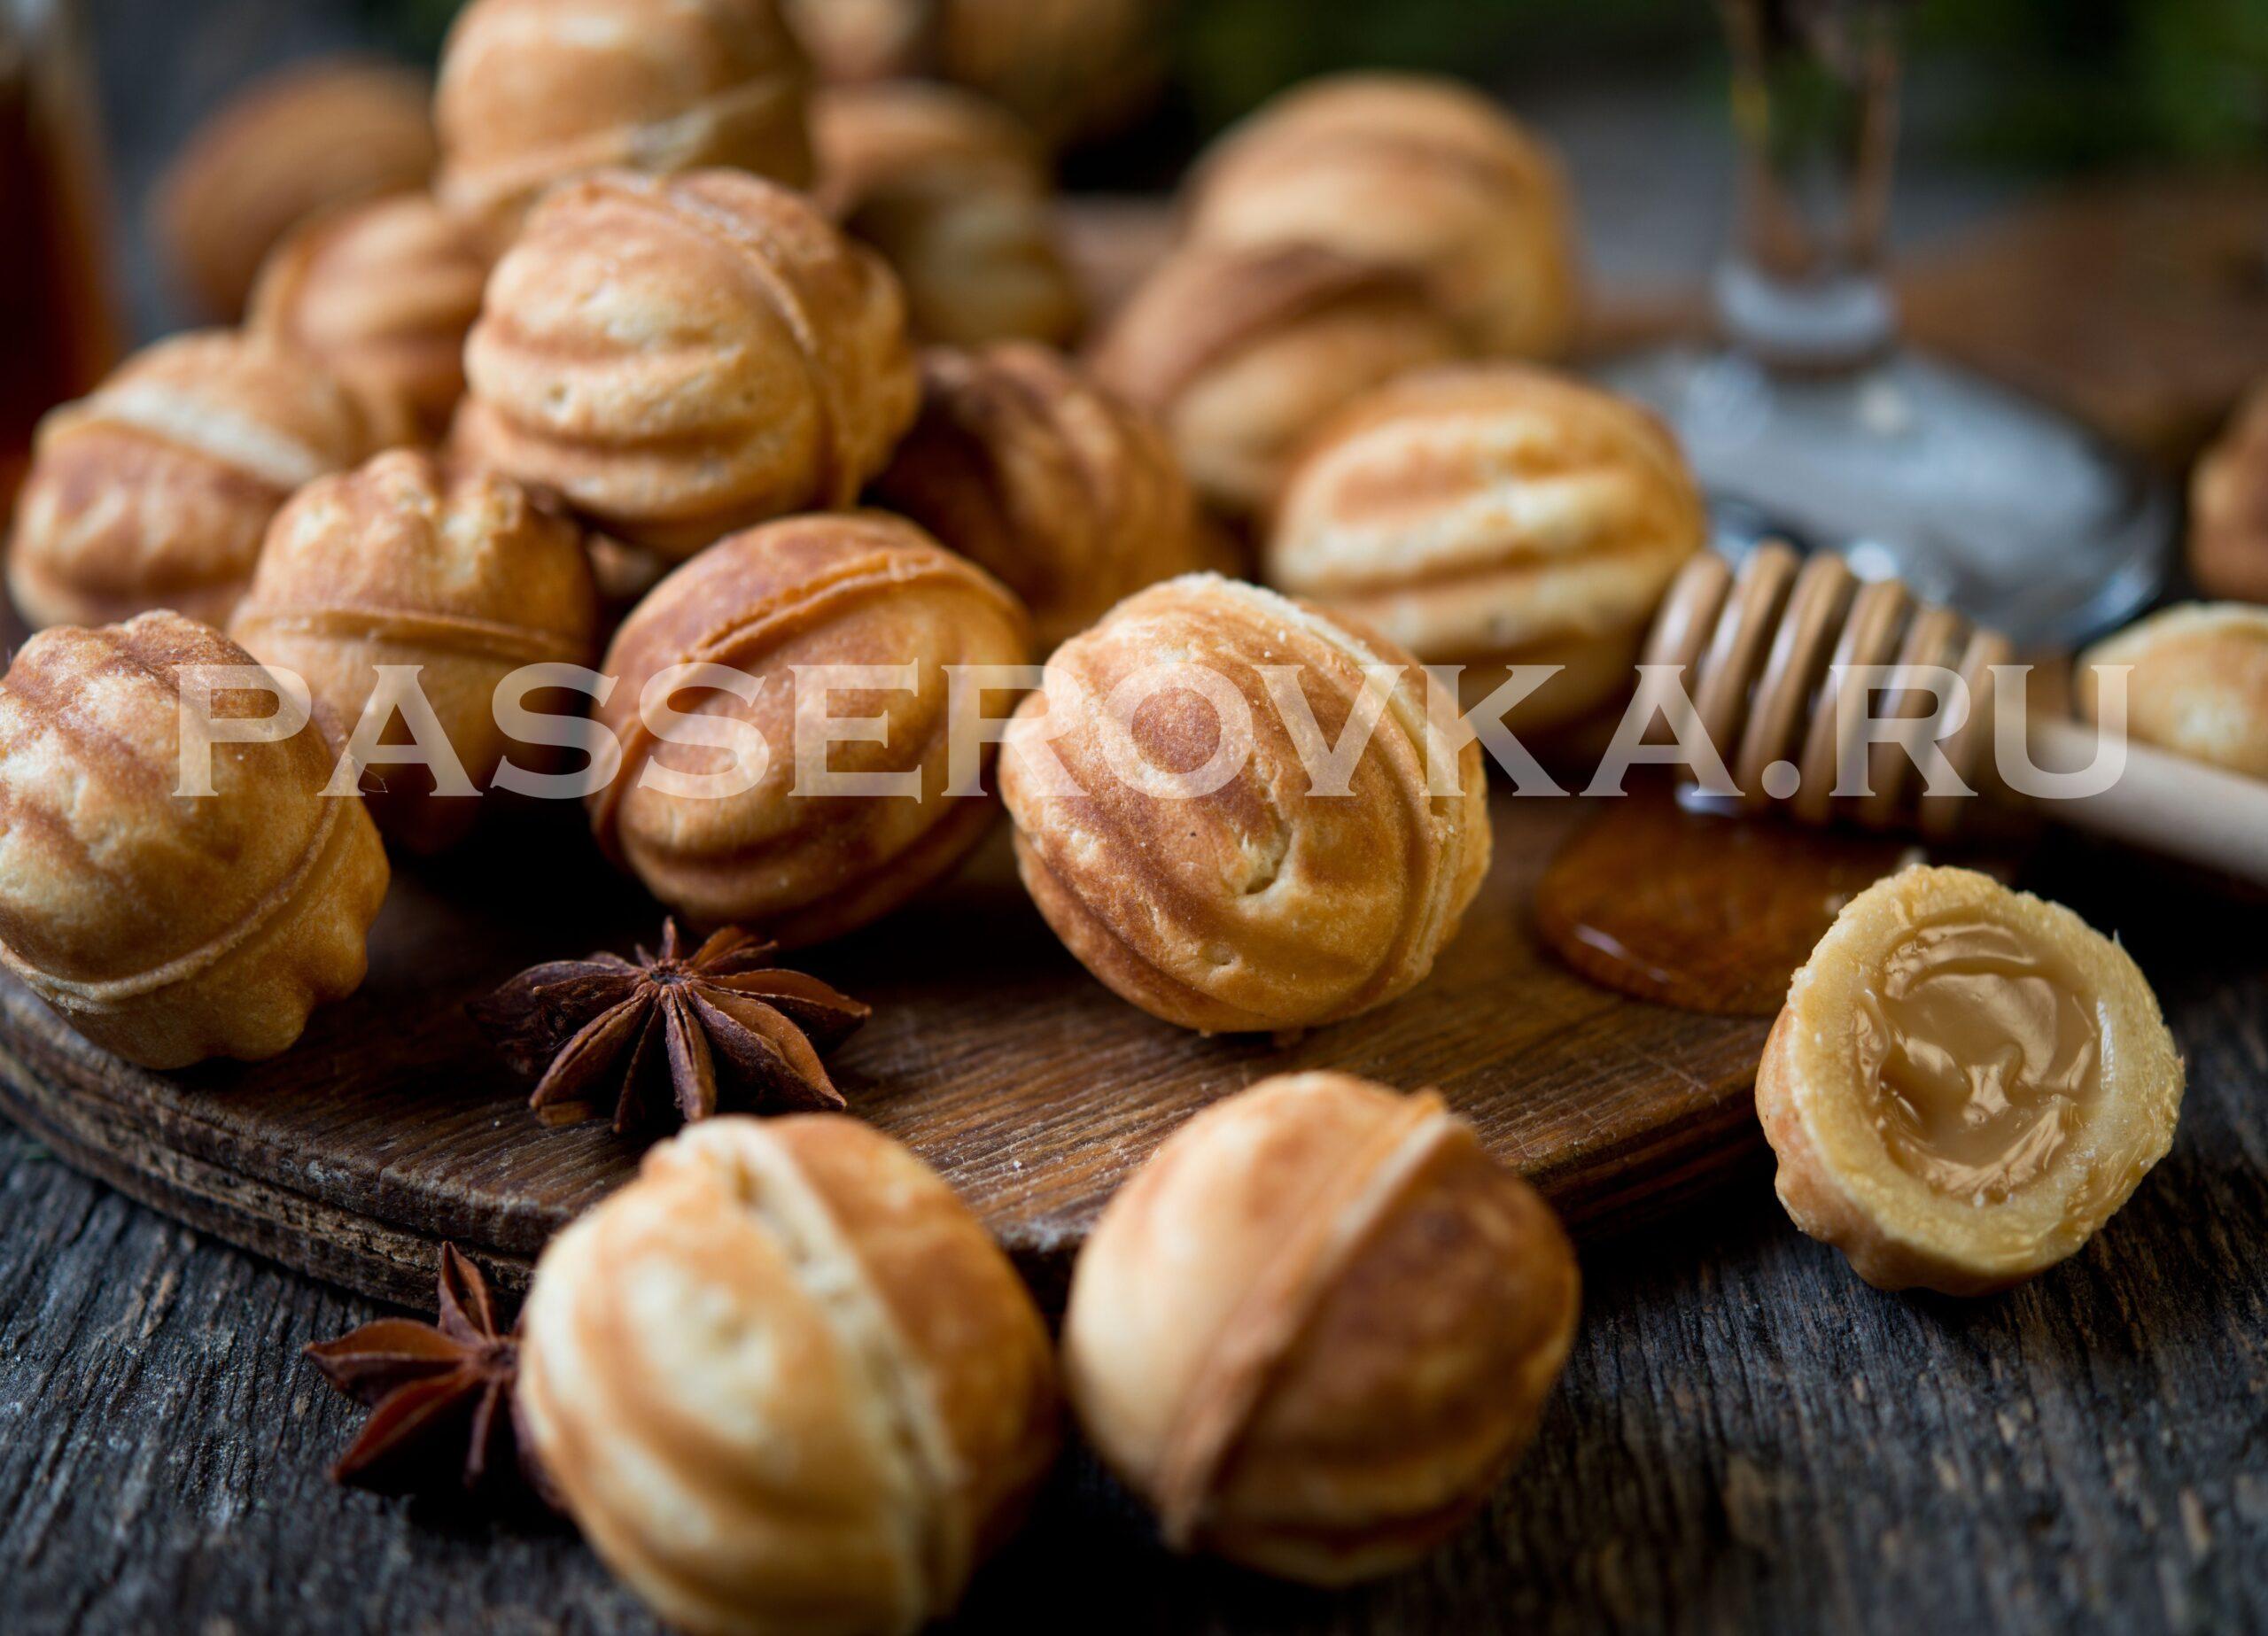 Орешки со сгущёнкой рецепт в орешнице классический рецепт